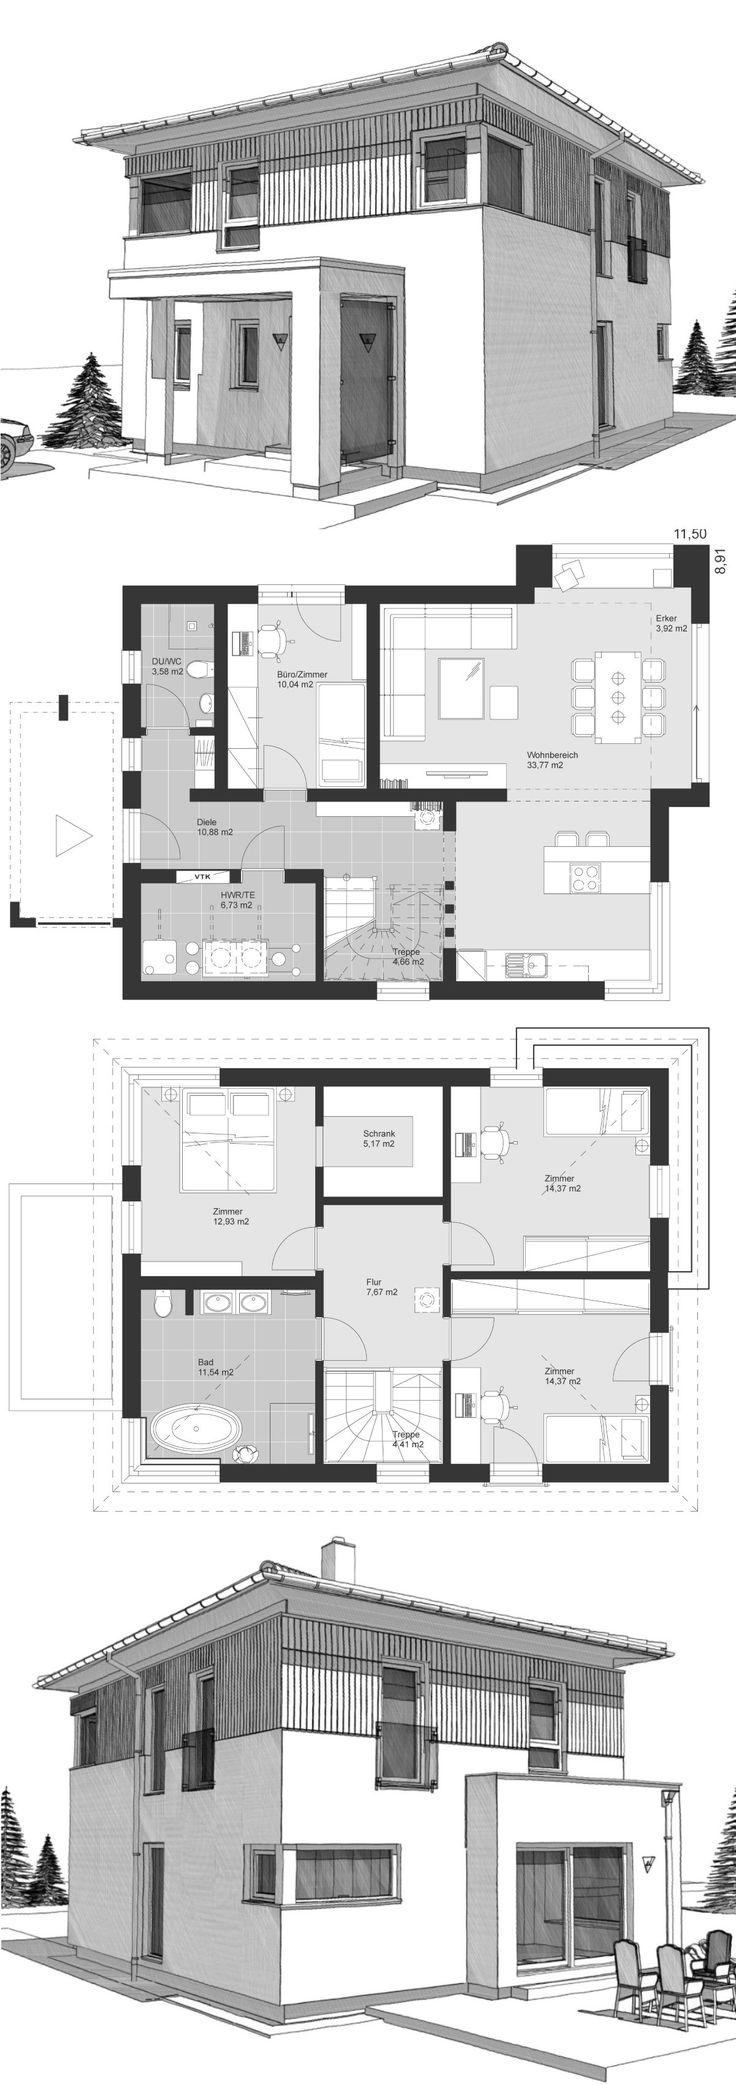 Landhaus Stadtvilla modern Grundriss mit Walmdach …